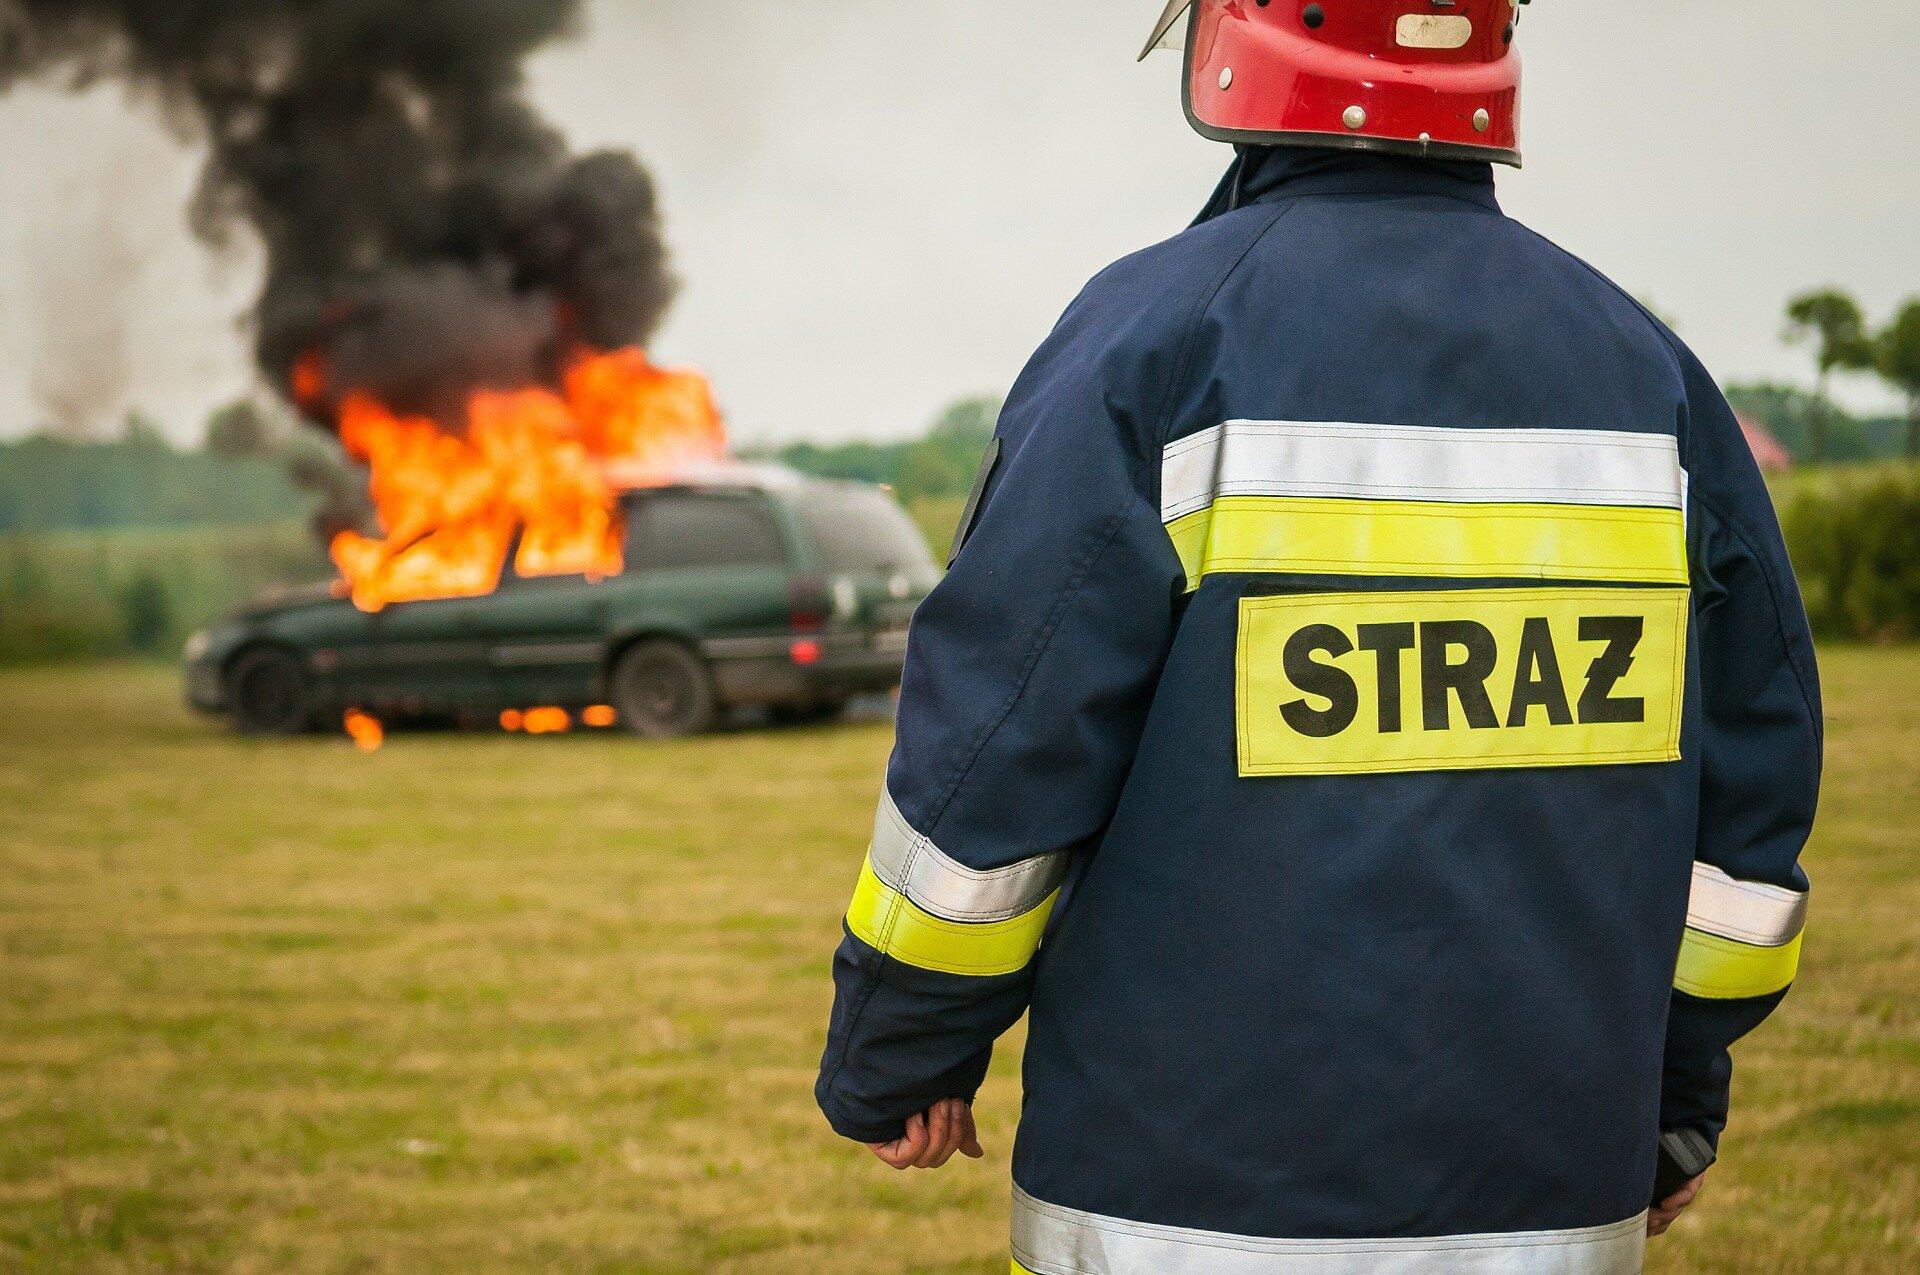 panstwowa straż pożarna Źródło: pixabay, licencja: CC 0.